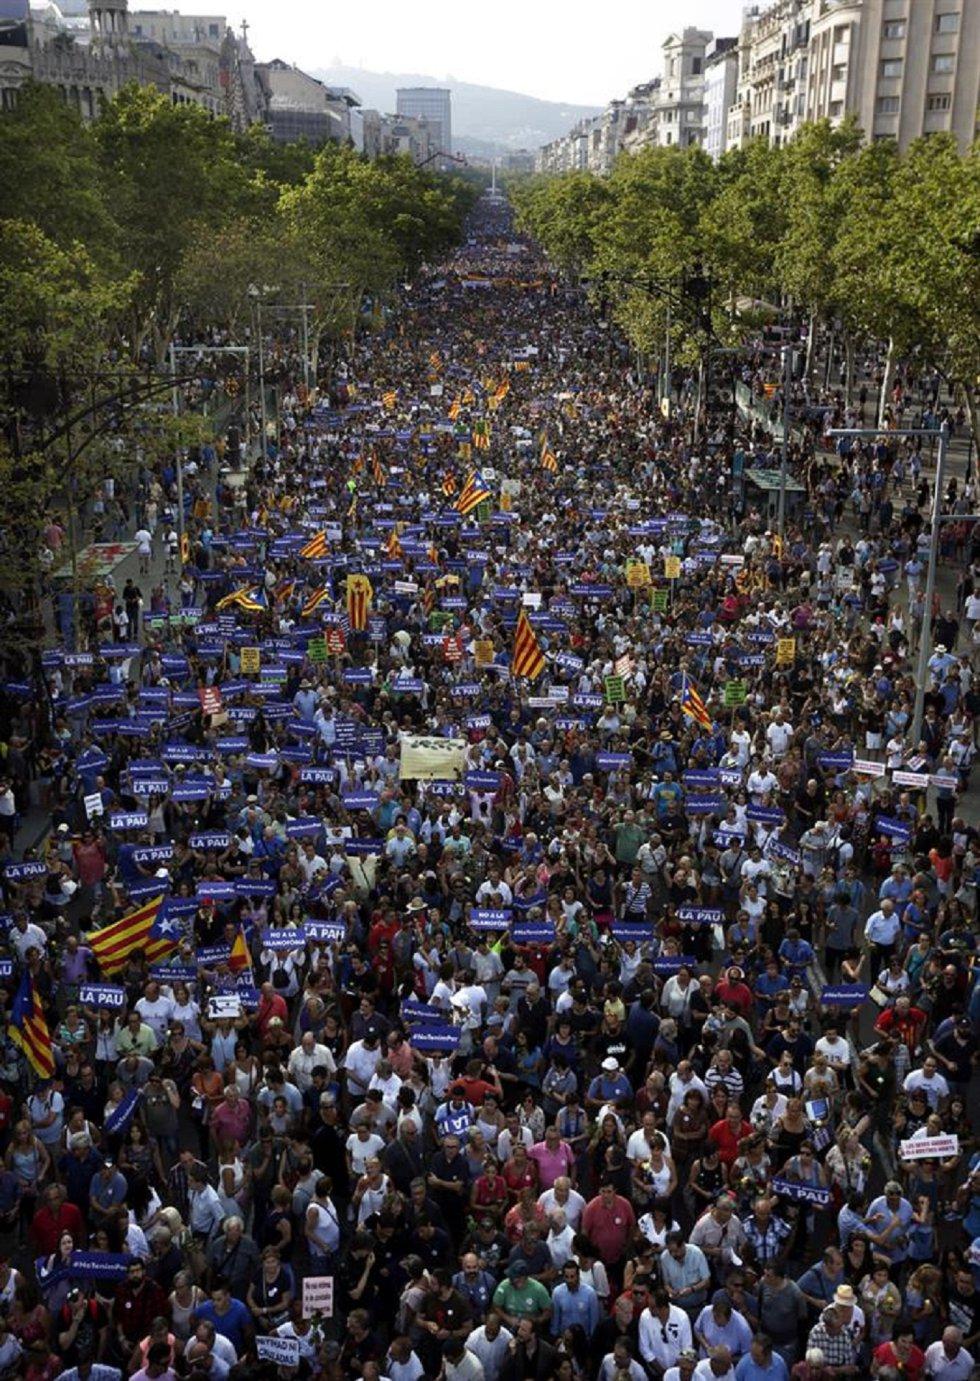 Manifestación contra los atentados yihadistas en Cataluña, en una protesta ciudadana que está encabezada por los profesionales que atendieron a las víctimas bajo el eslogan No tinc por (No tengo miedo).